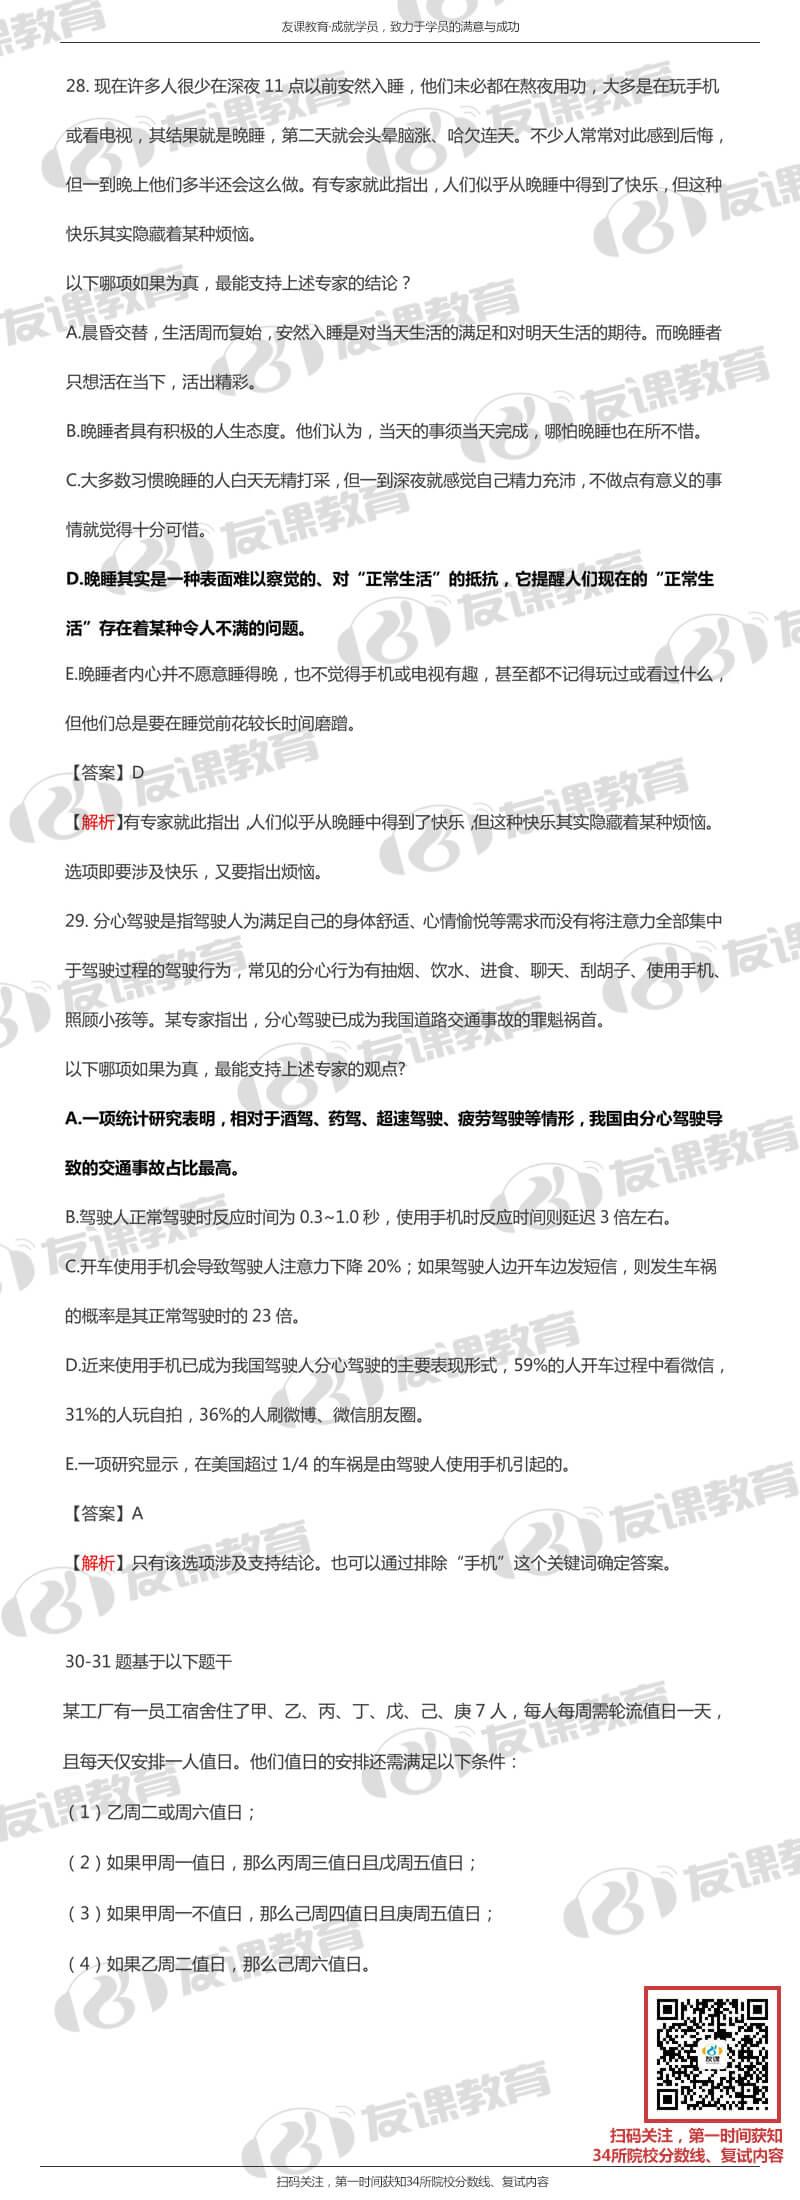 2018MBA联考逻辑真题及解析2(友课教育版).jpg